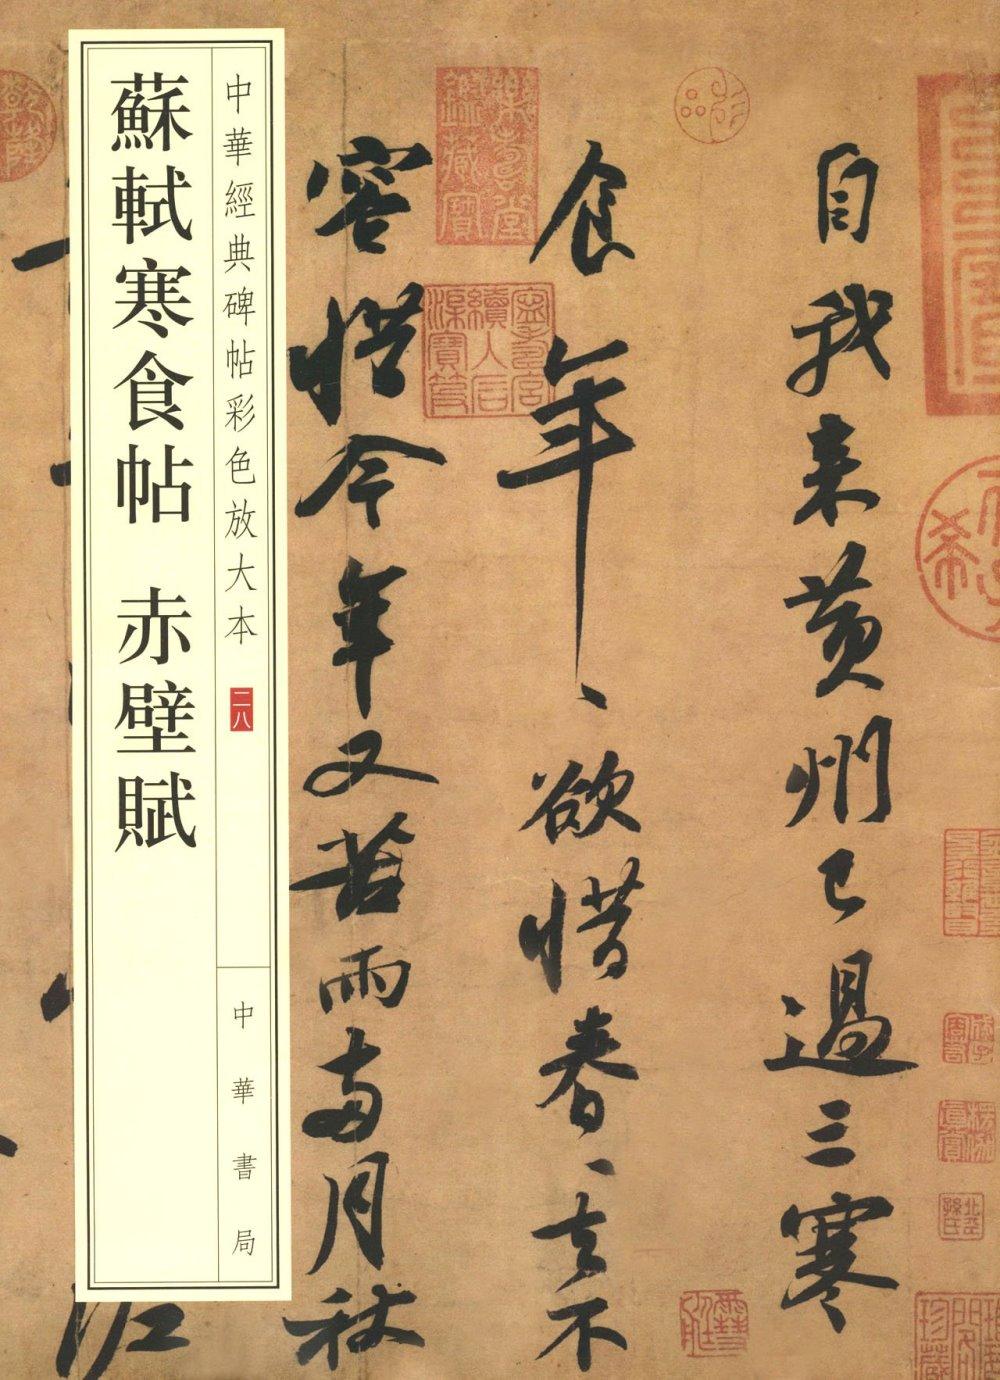 中華經典碑帖彩色放大本28:蘇軾寒食帖 赤壁賦